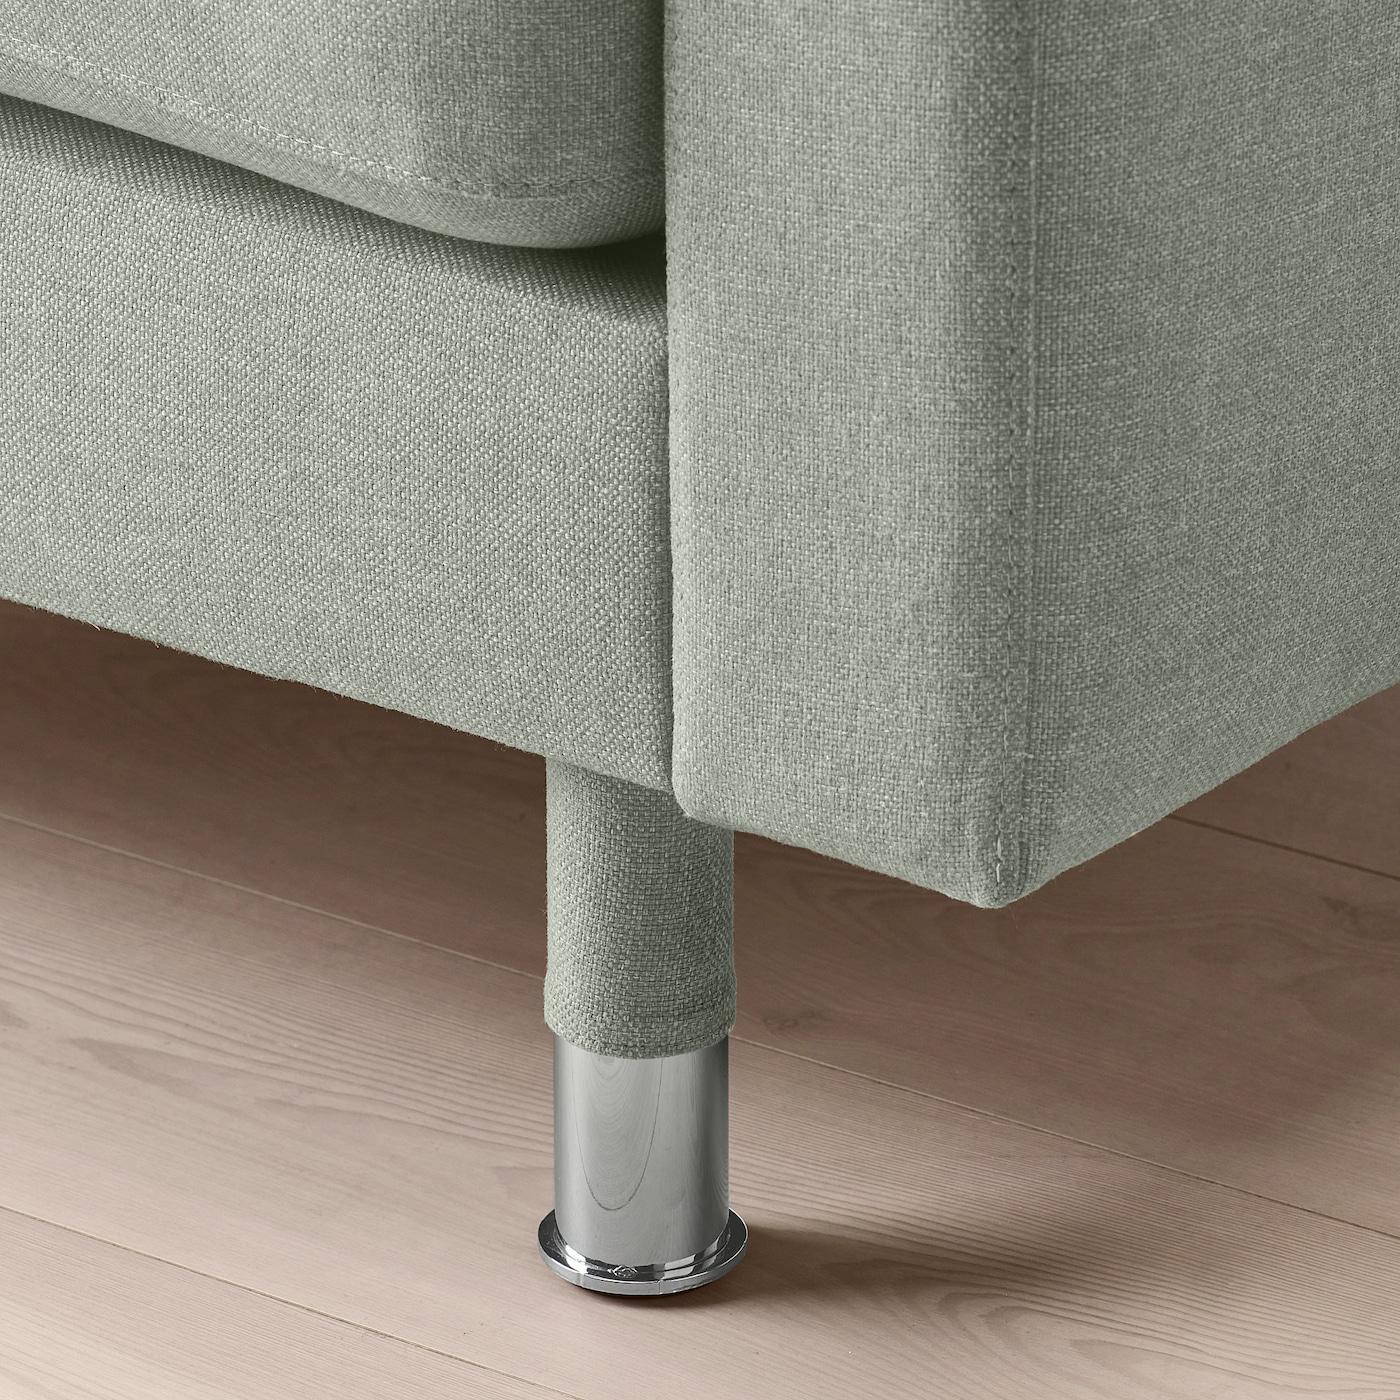 LANDSKRONA Lenestol Gunnared lys grønn metall IKEA